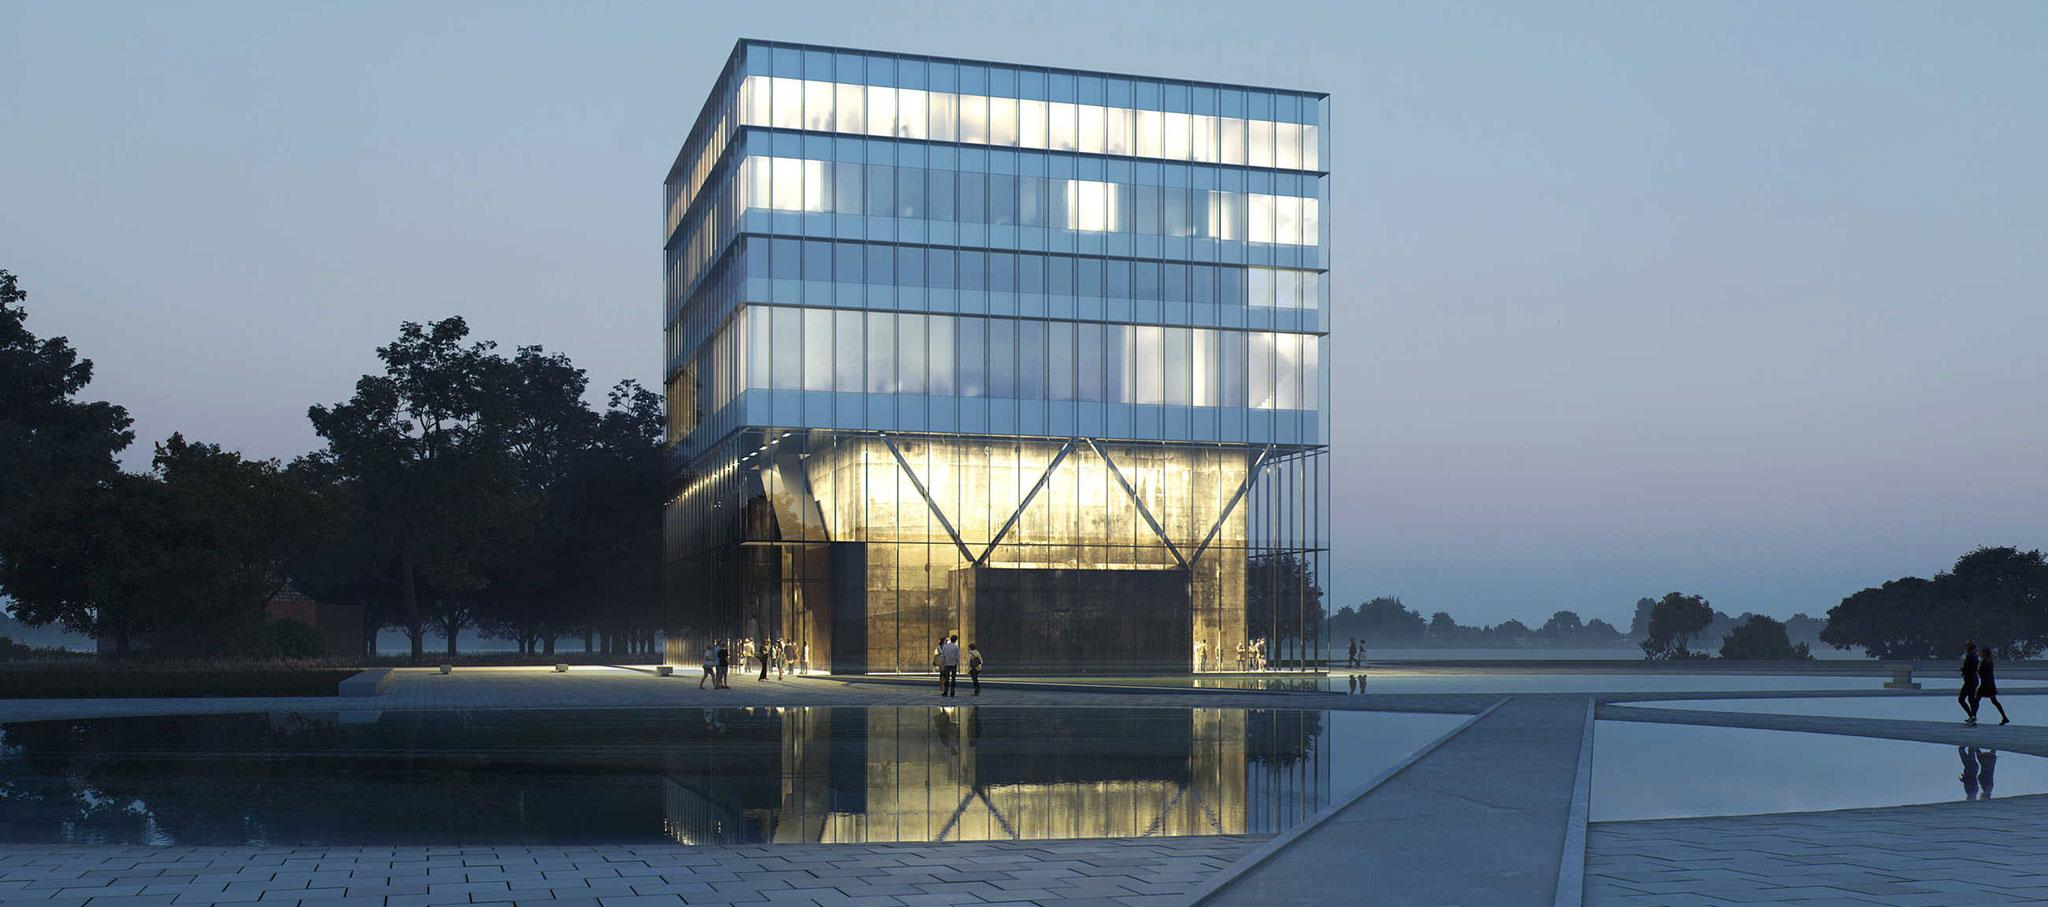 """Visualización. Dorte Mandrup gana el concurso para construir """"Heritage Center"""" en la cima de un búnker de la Segunda Guerra Mundial"""